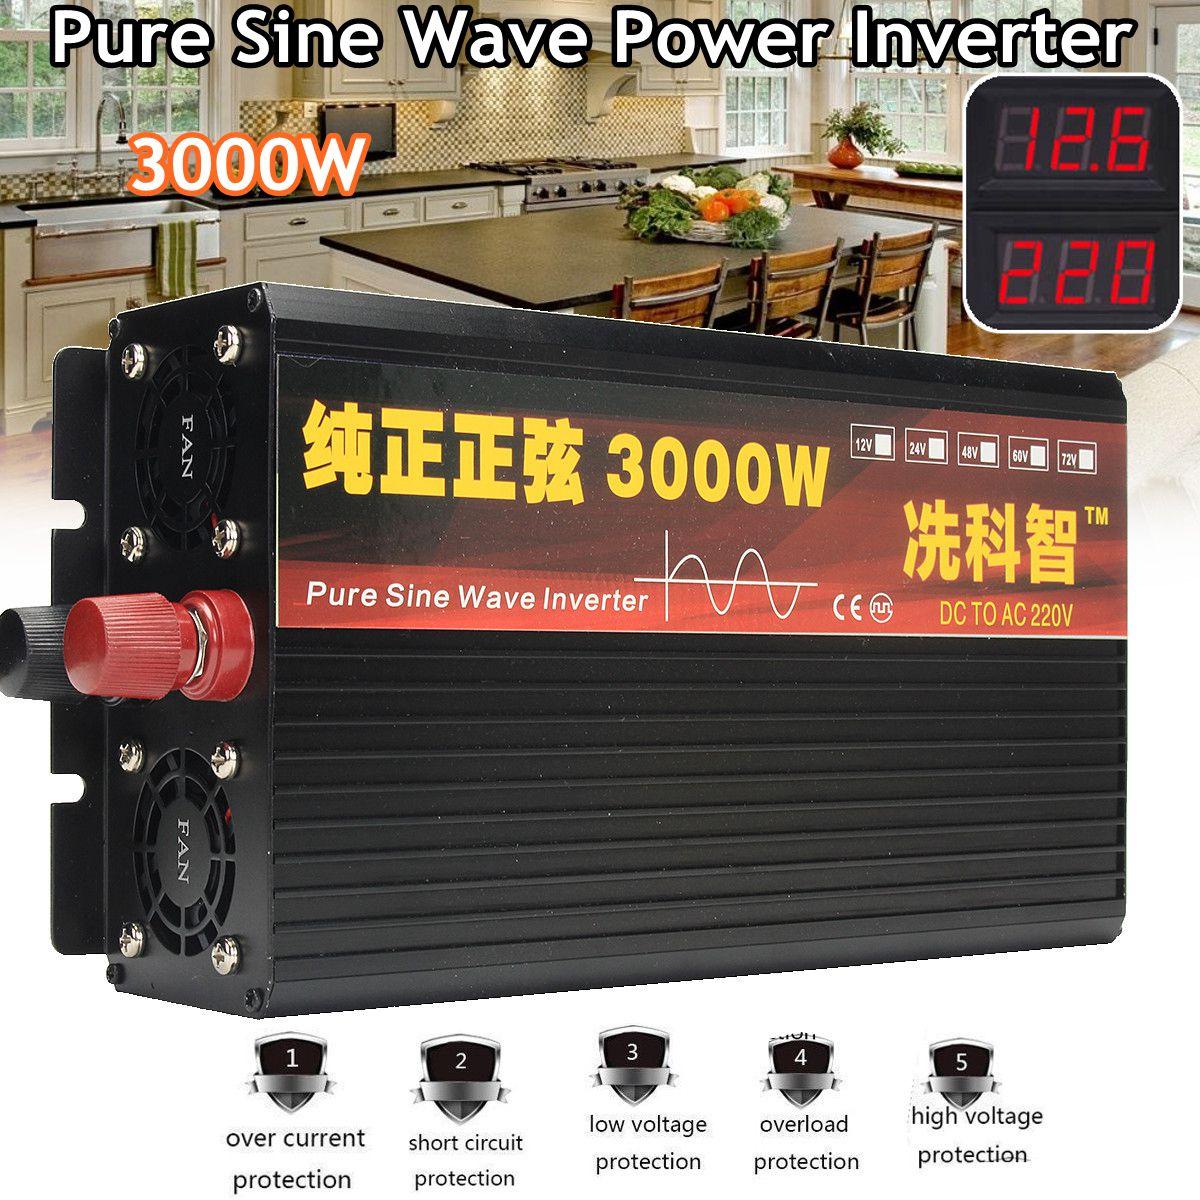 Инвертор 12 V/24 V 220 V 2000/3000/4000 W Напряжение трансформатор Чистая синусоида Мощность инвертор DC12V к AC 220 V конвертер + 2 светодиодный Дисплей